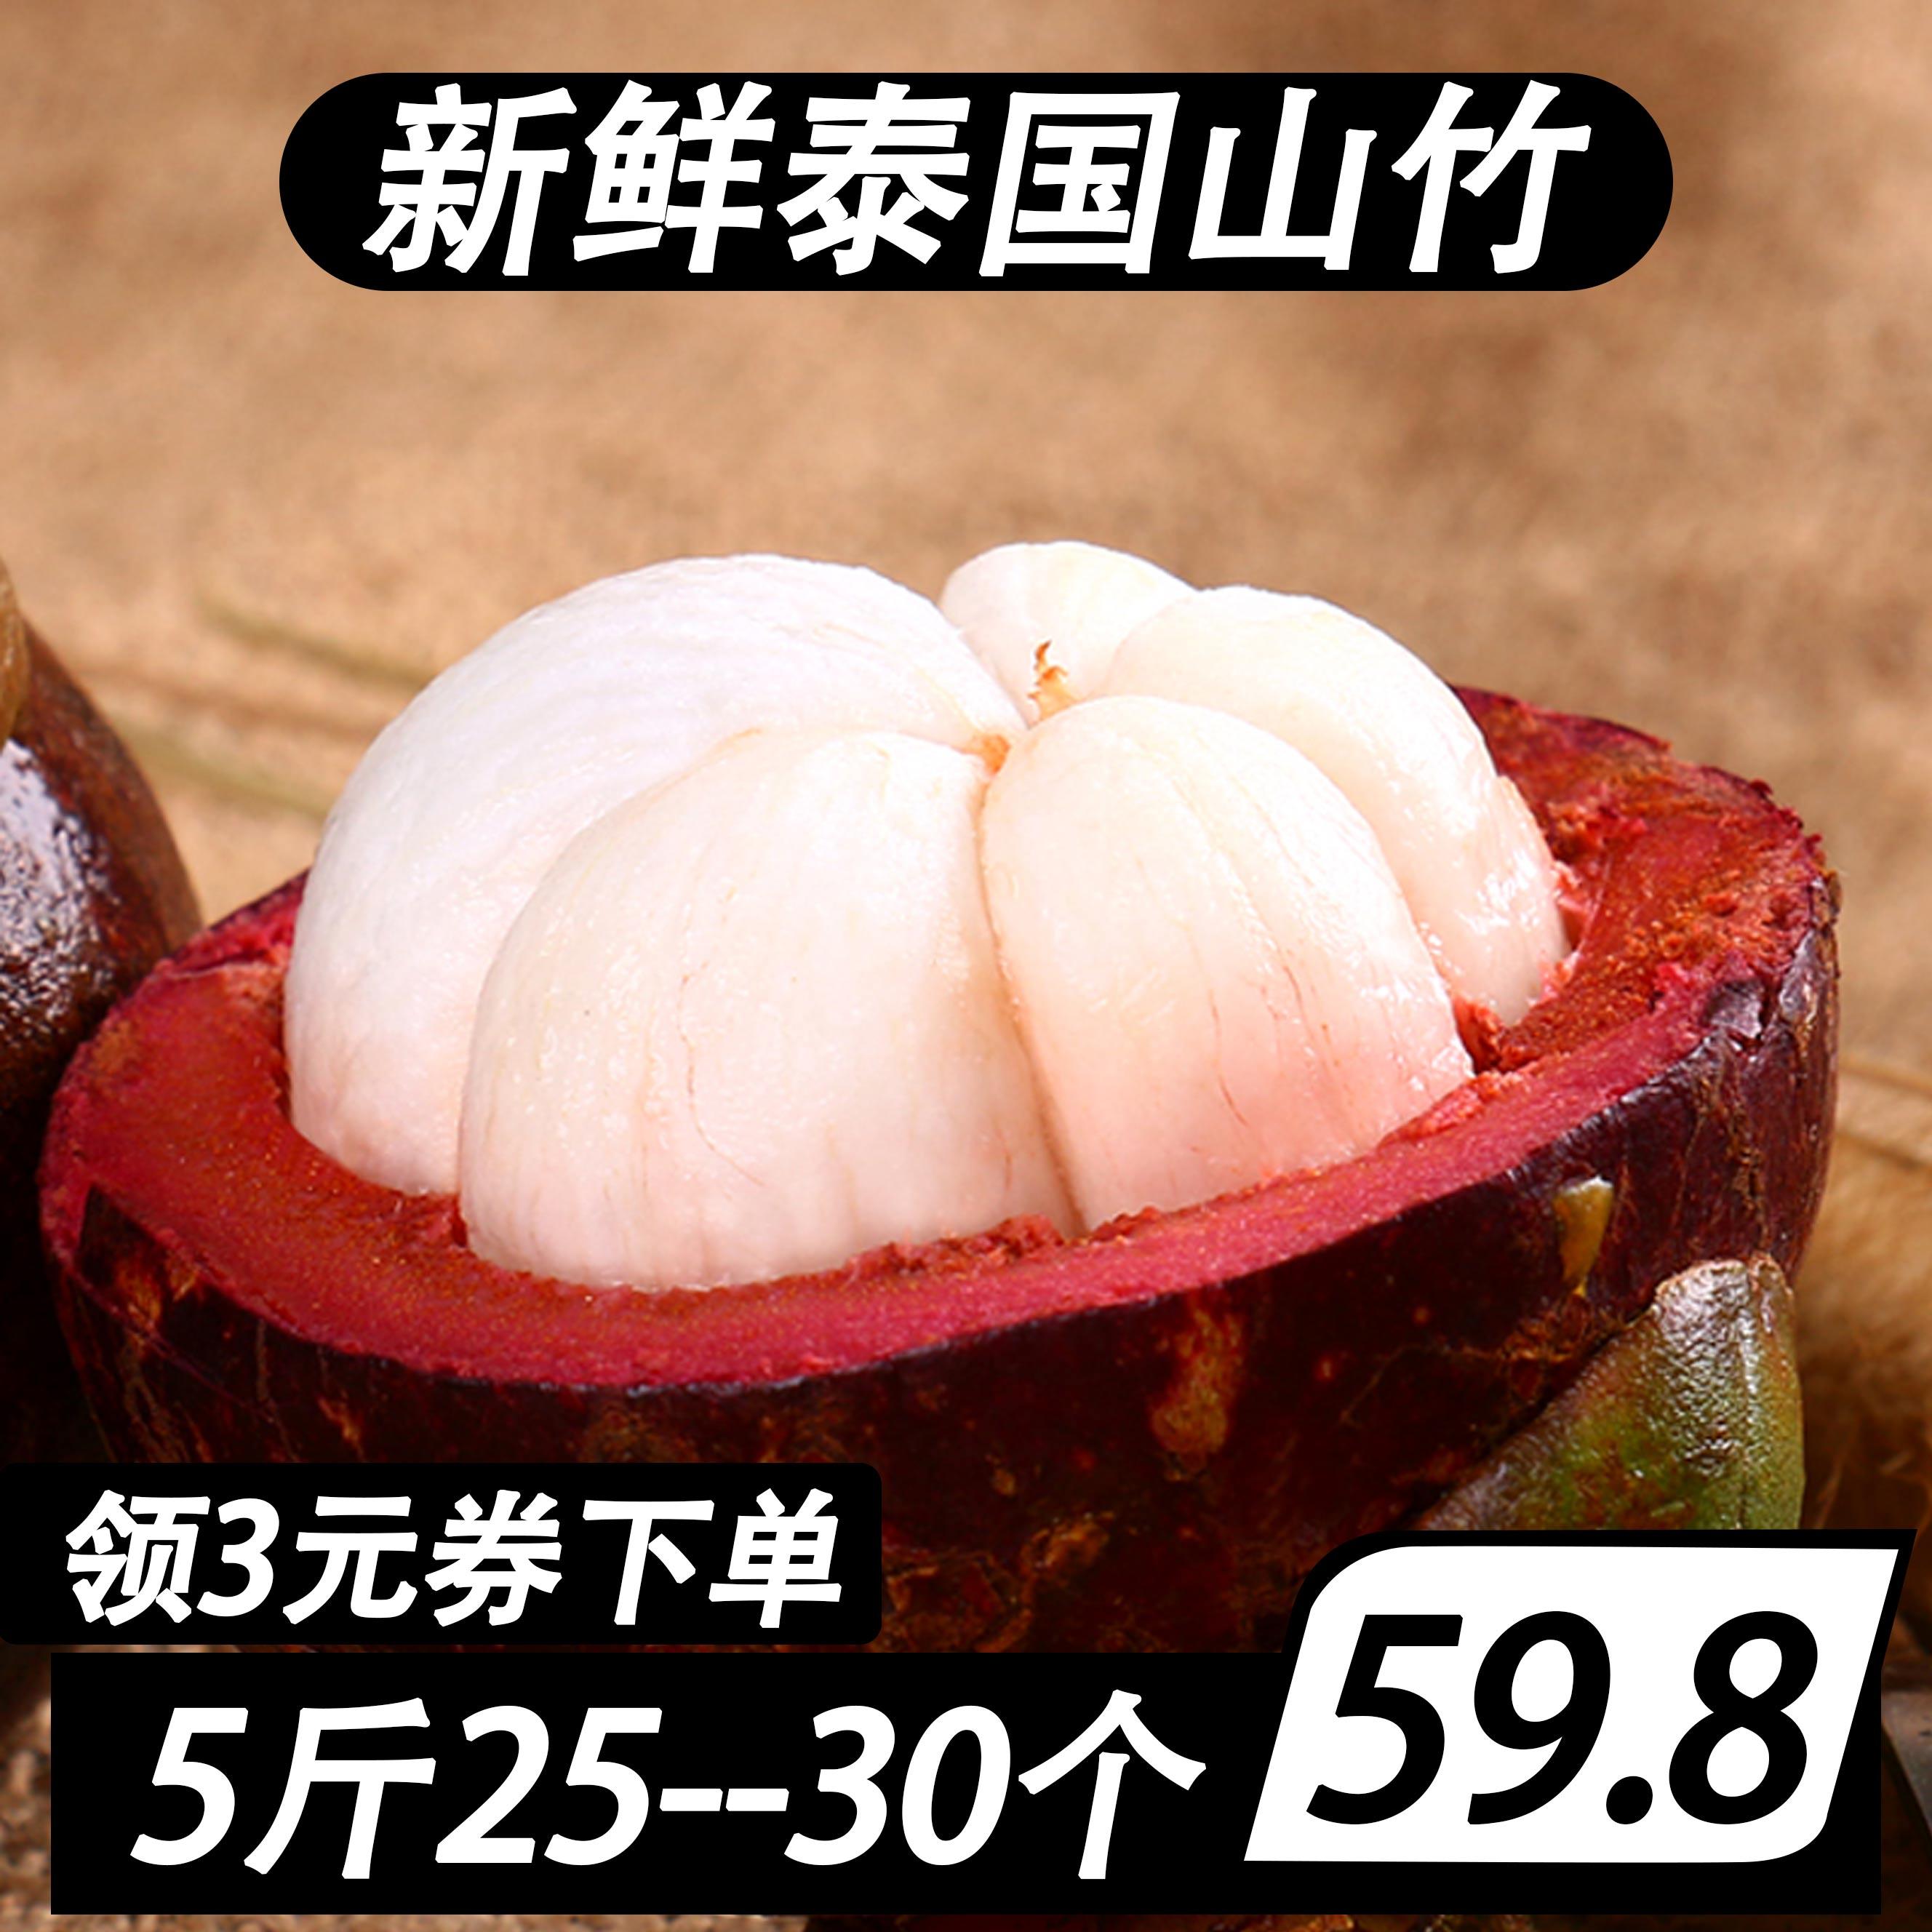 泰国进口山竹5斤净重新鲜热带水果包邮当季团购麻竹孕妇时令水果